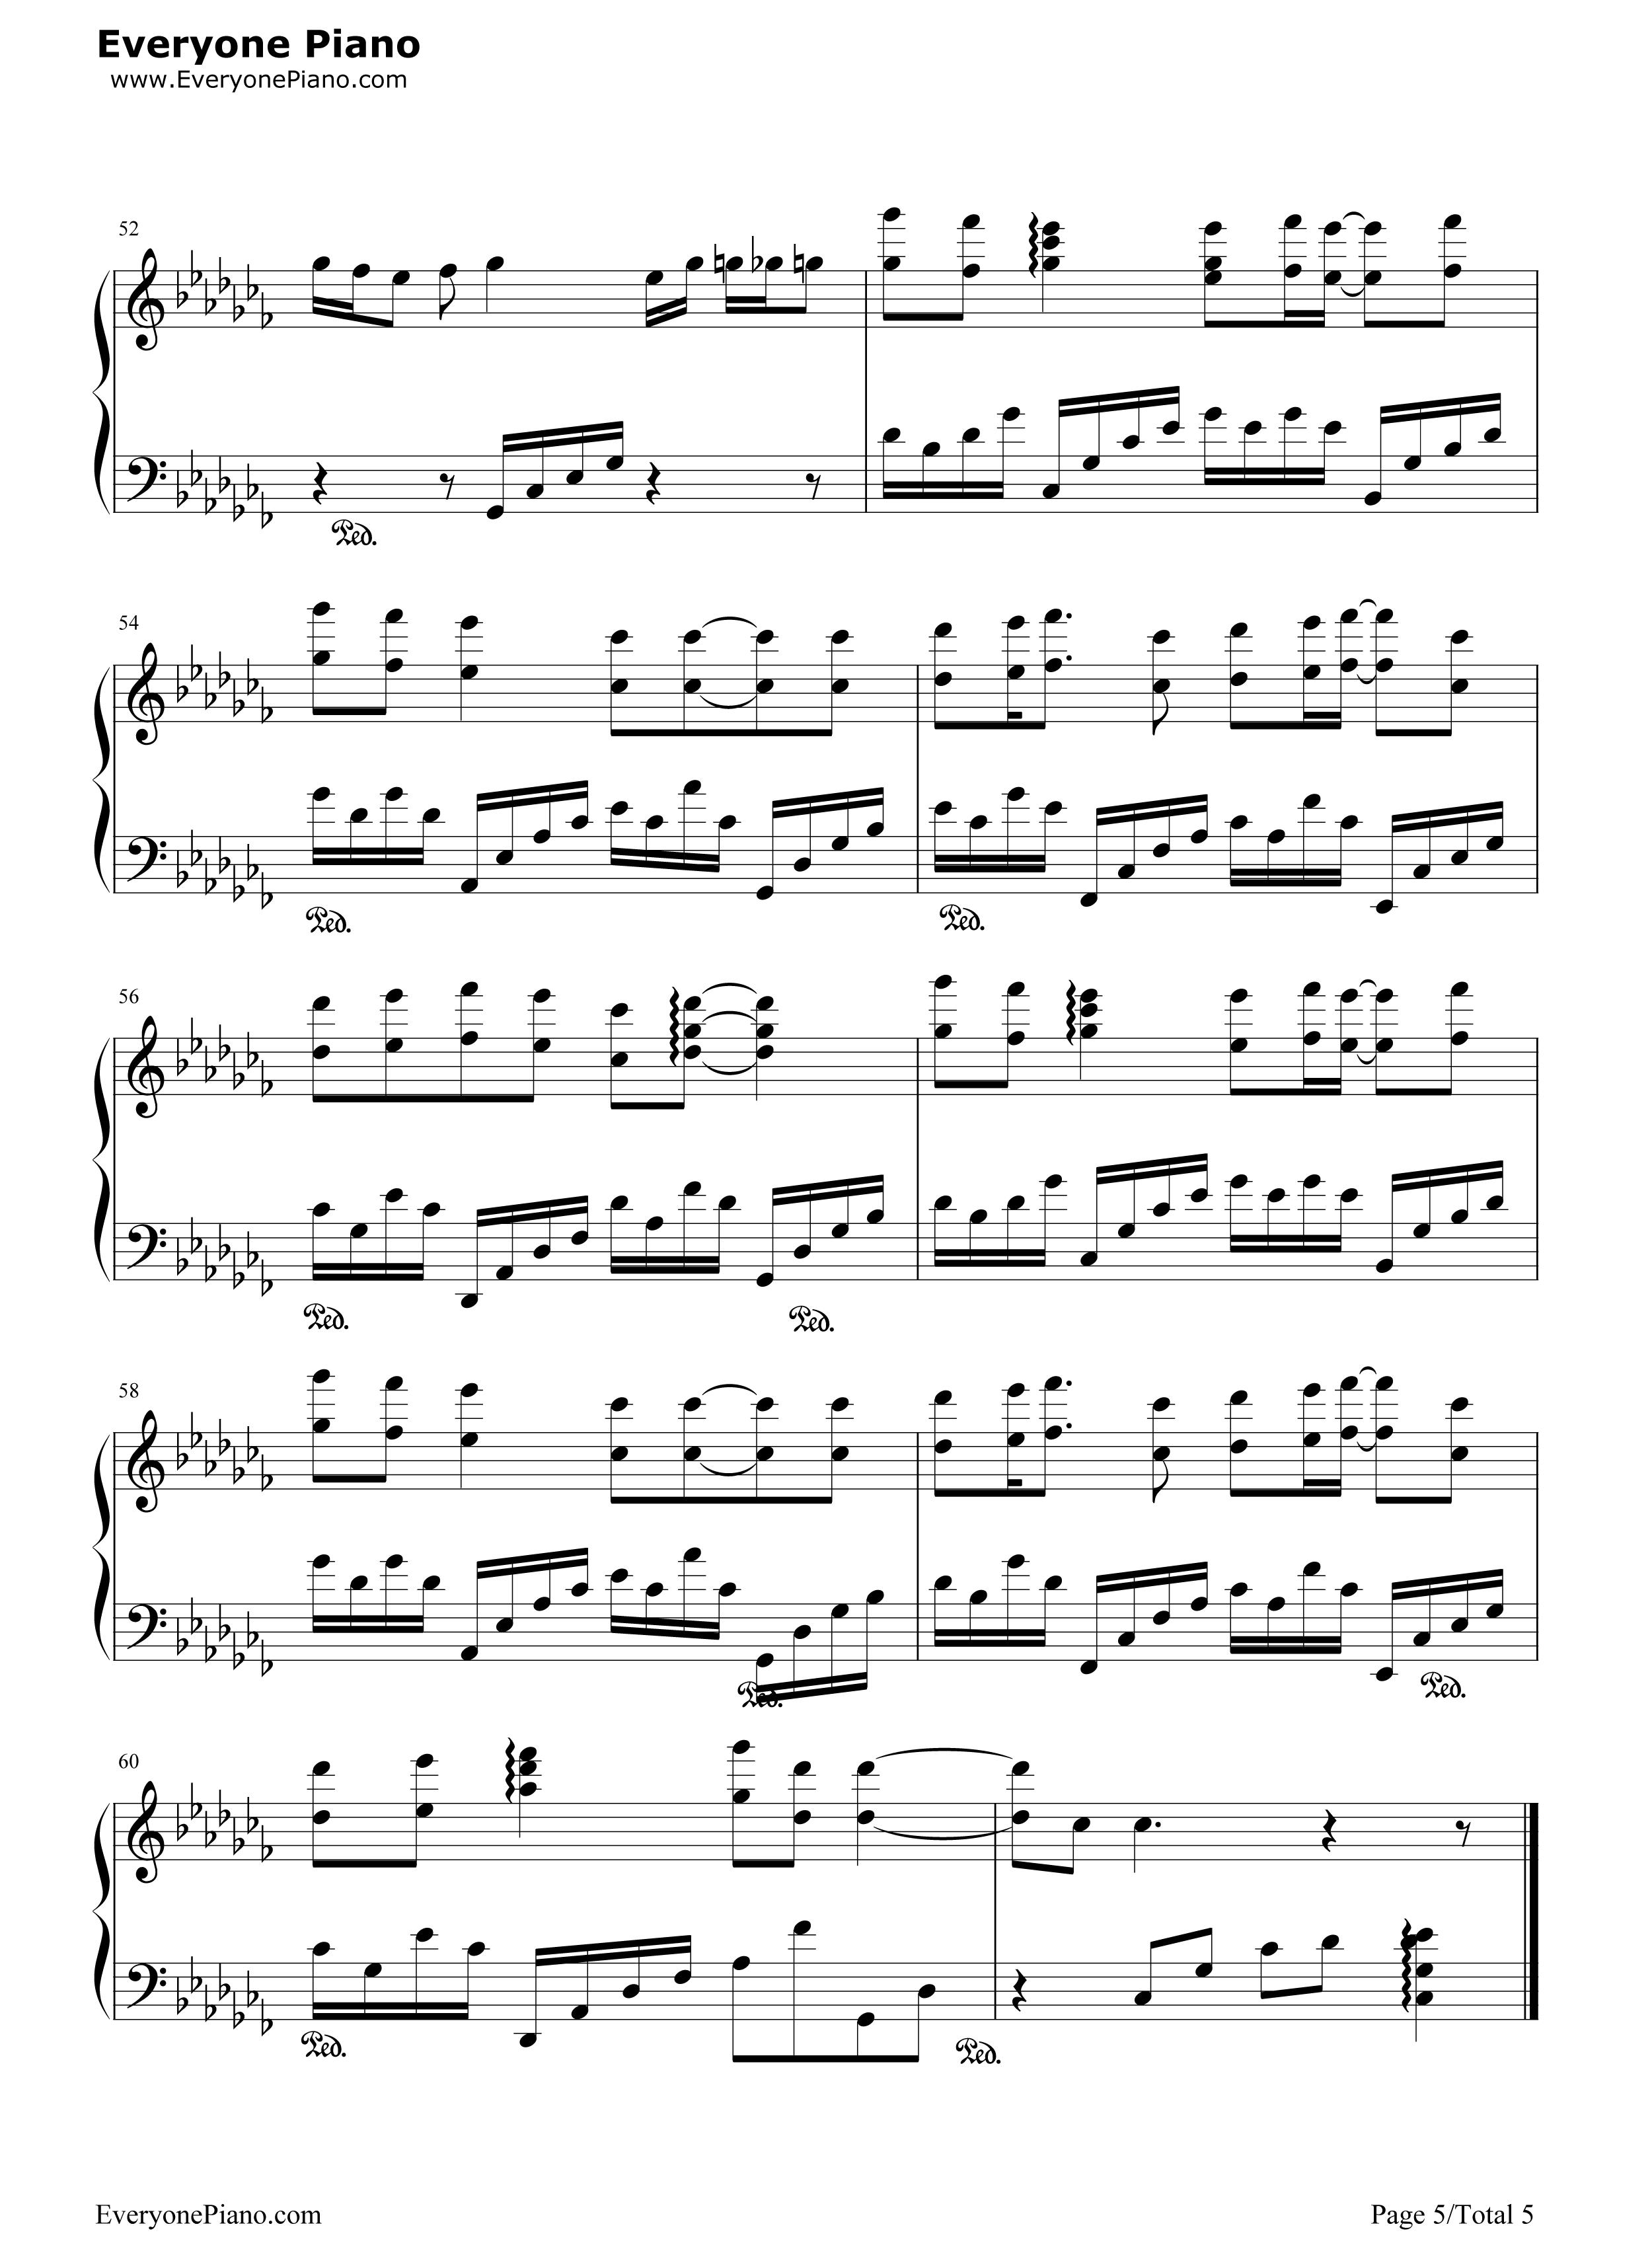 仰望星空-张杰五线谱预览5-钢琴谱